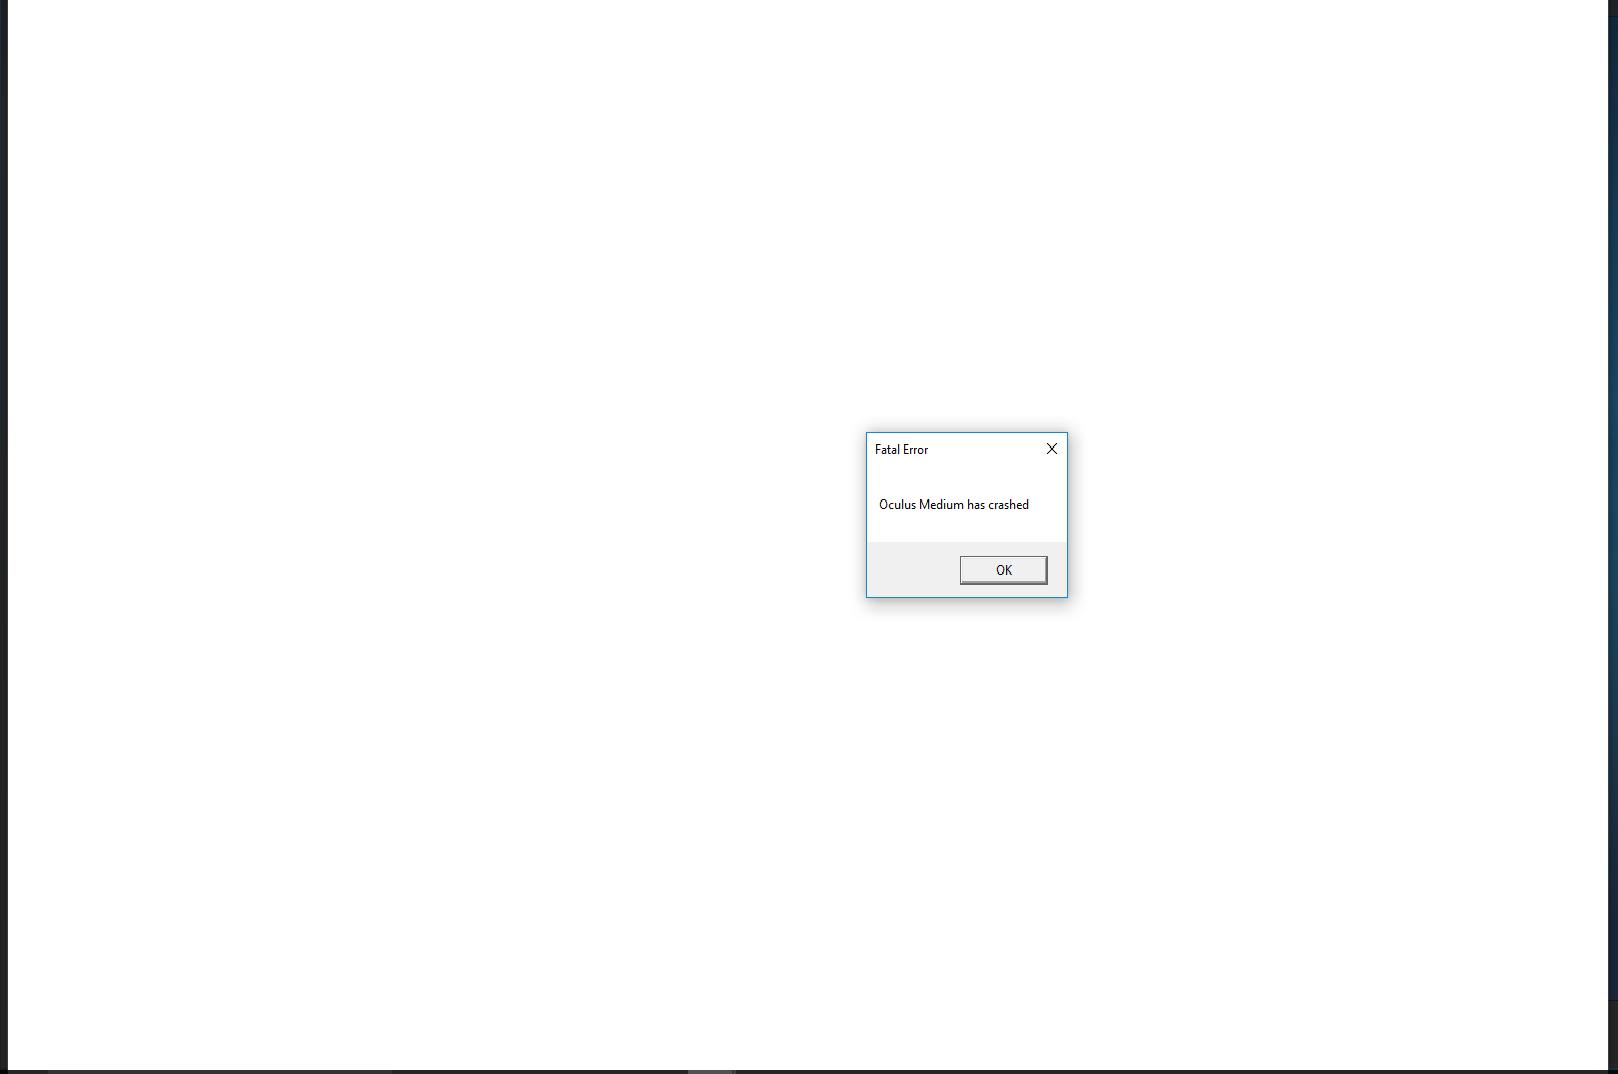 Fatal Error, Oculus Medium has crashed — Oculus